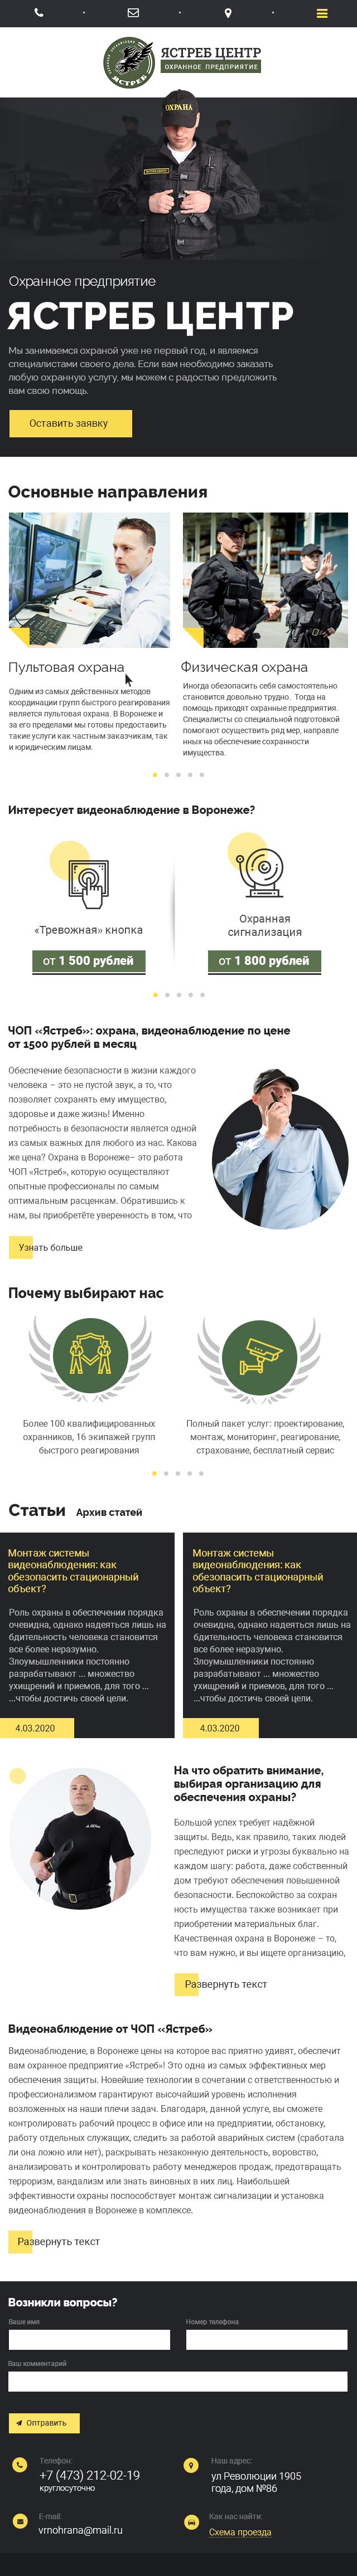 агентства безопасности примеры сайтов Охранная организация Ястреб центр 640 px